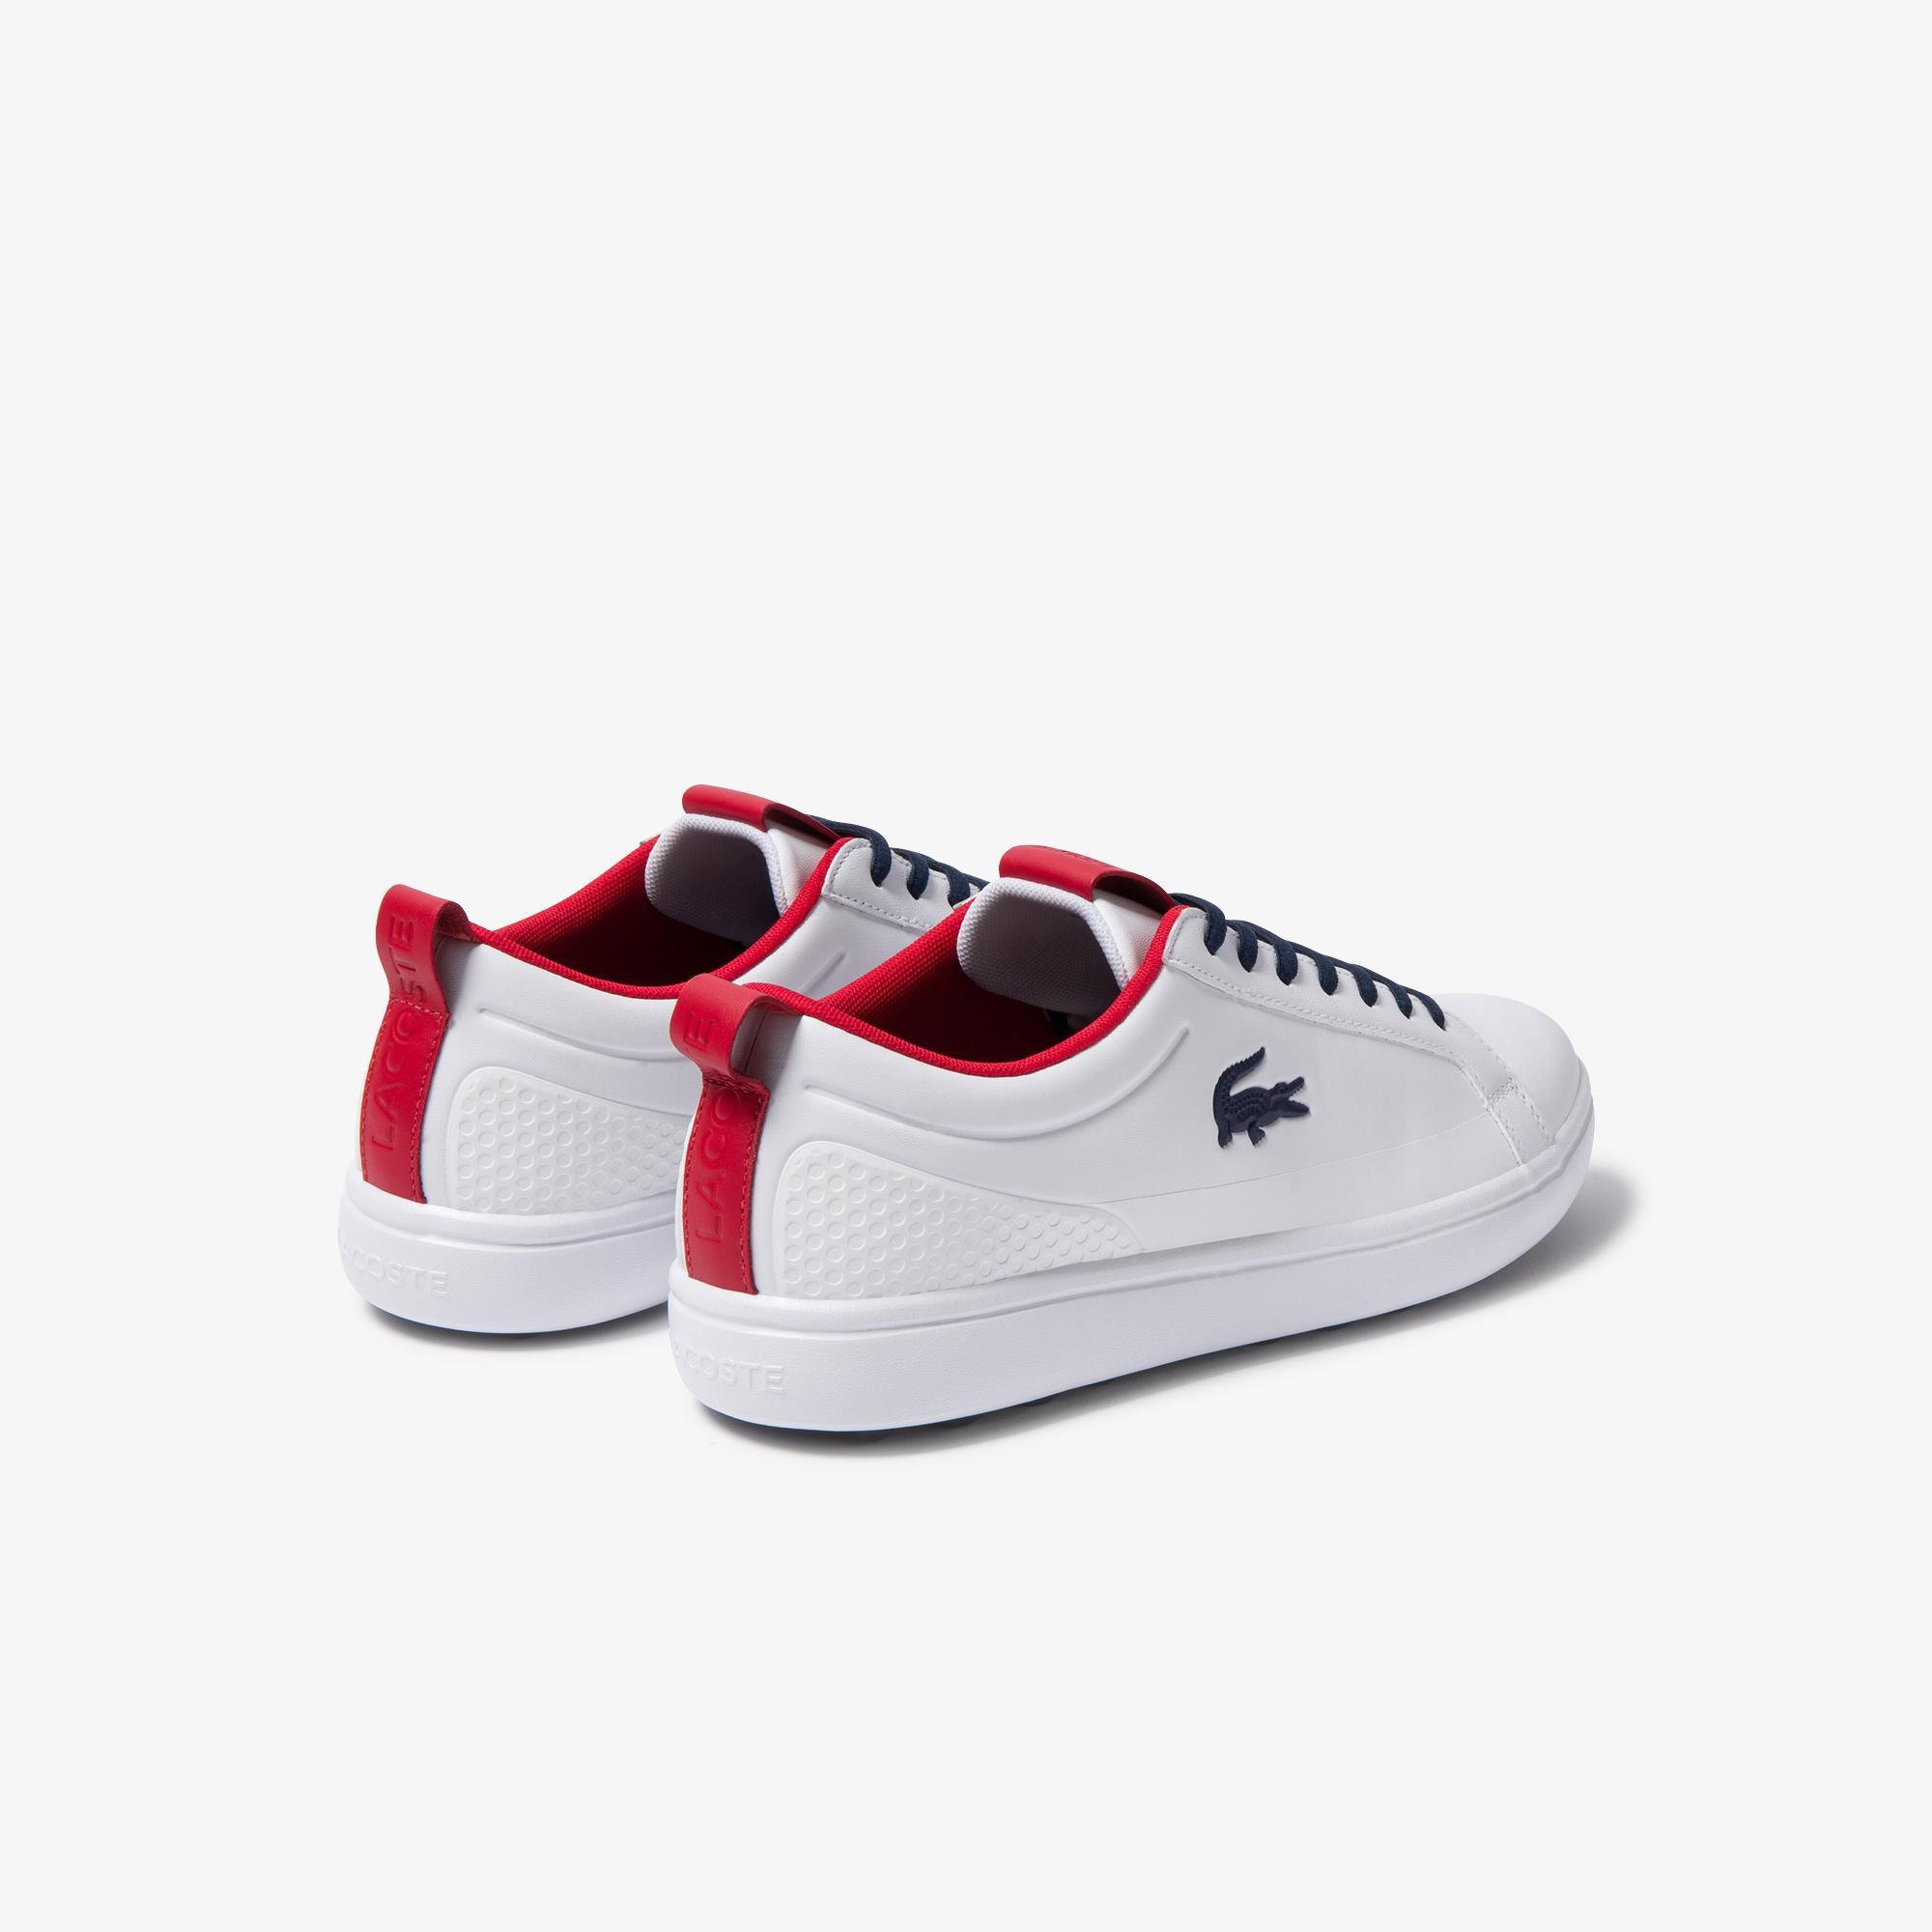 Lacoste G Elite 120 1 Men's Shoes